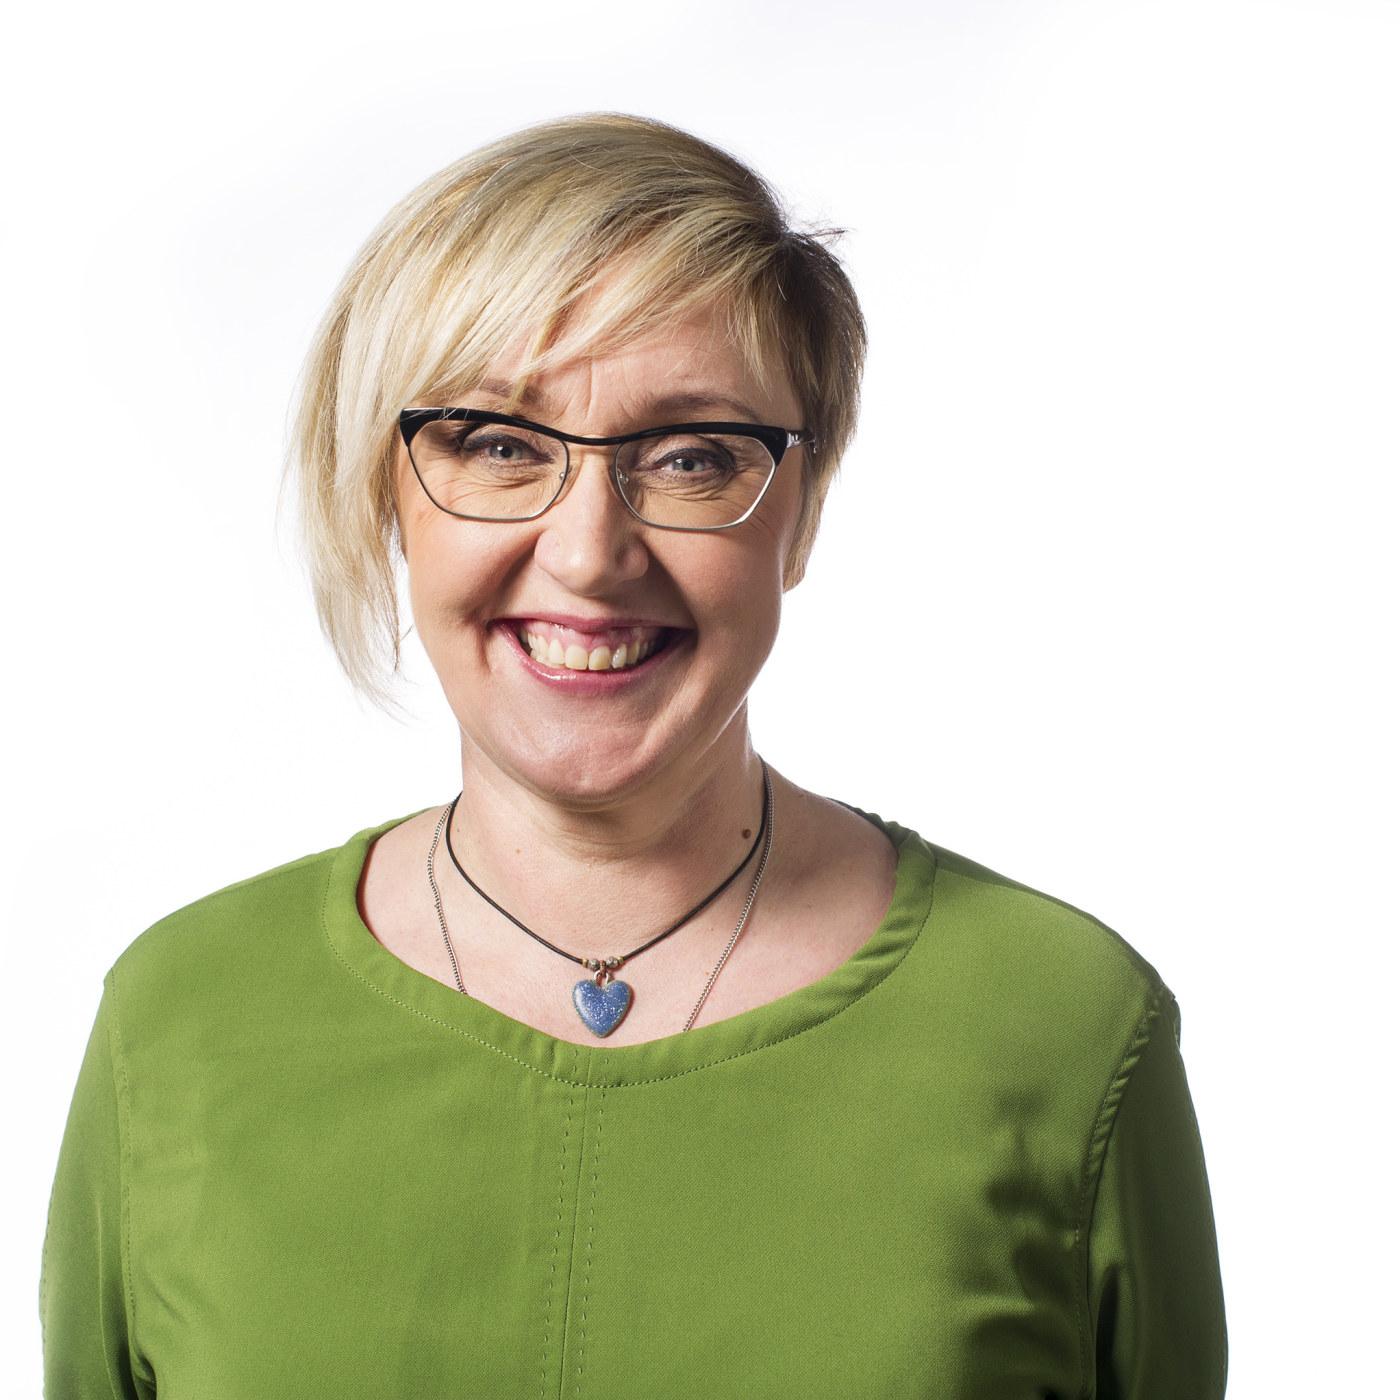 Olga Ketonen